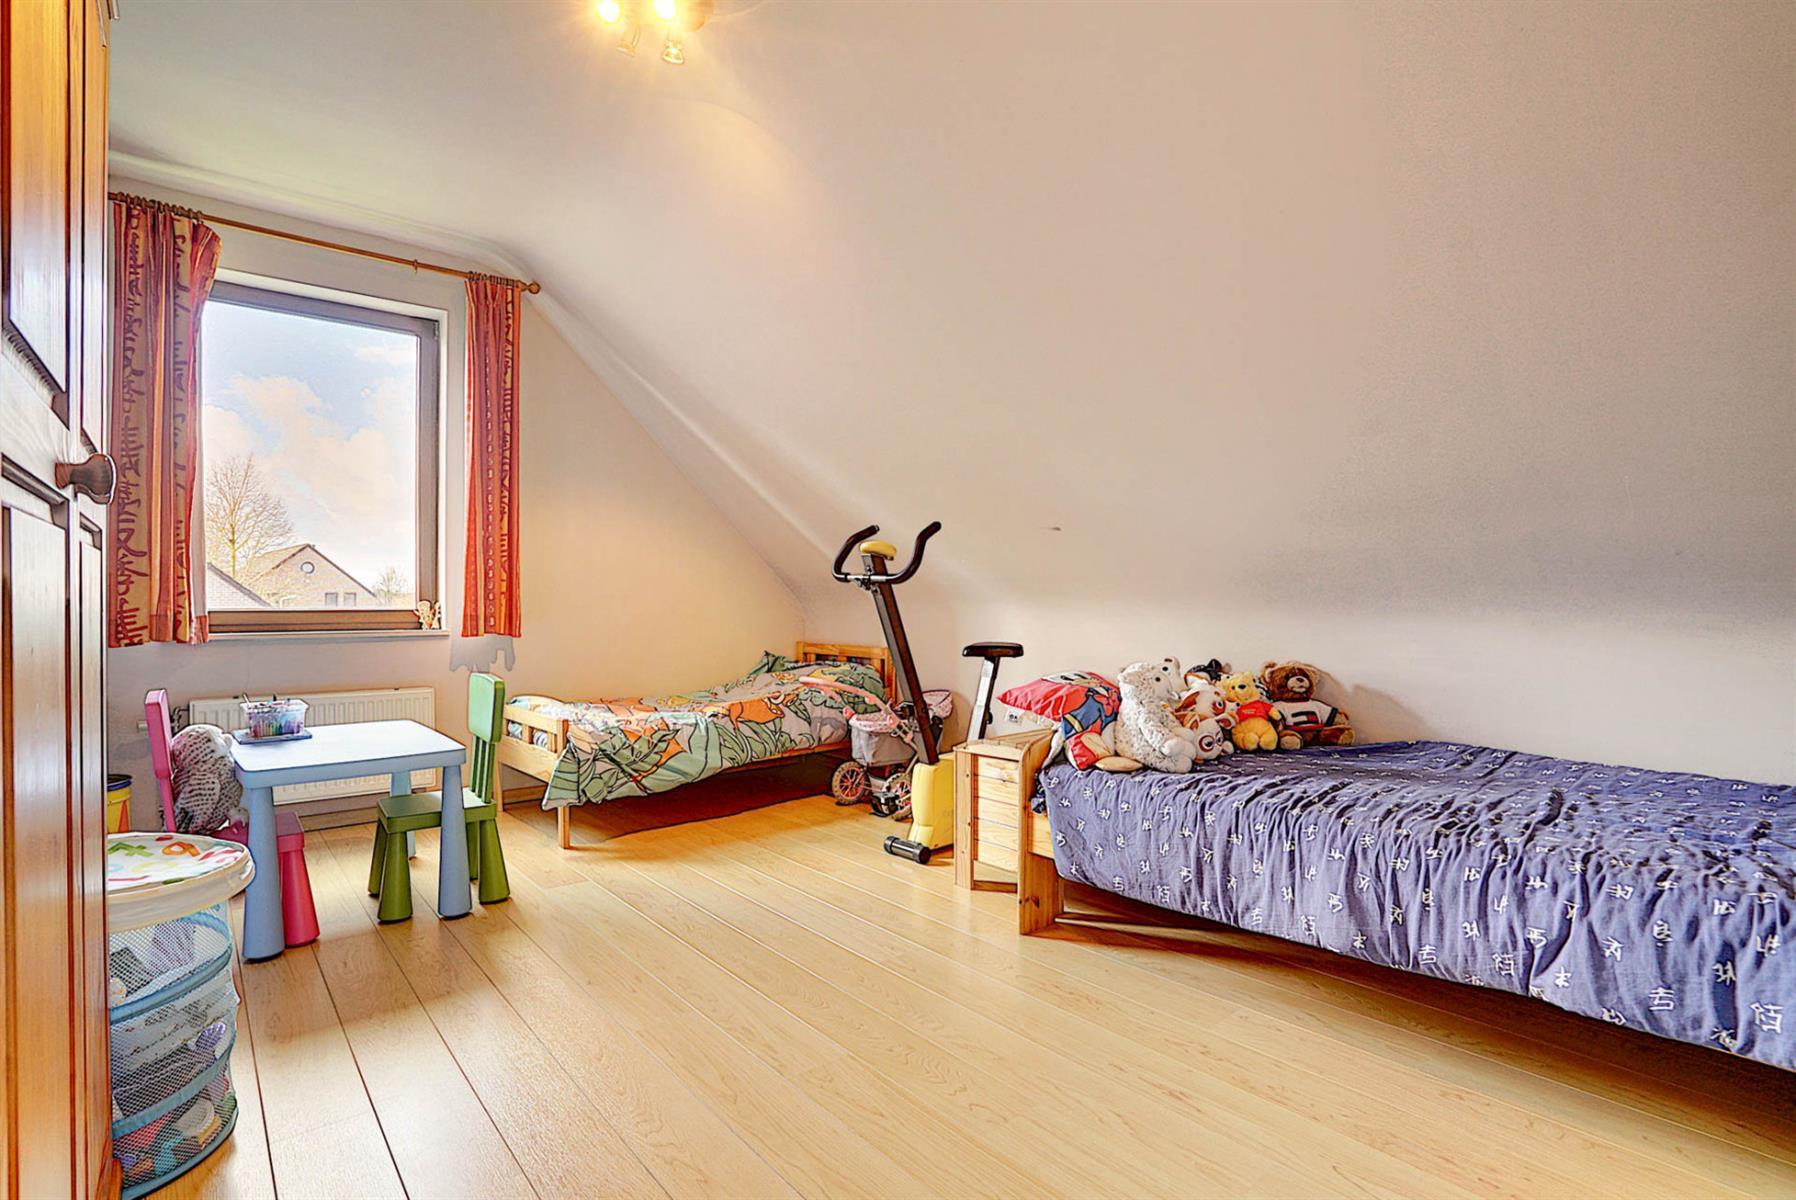 Villa - Chaumont-Gistoux - #4006823-20